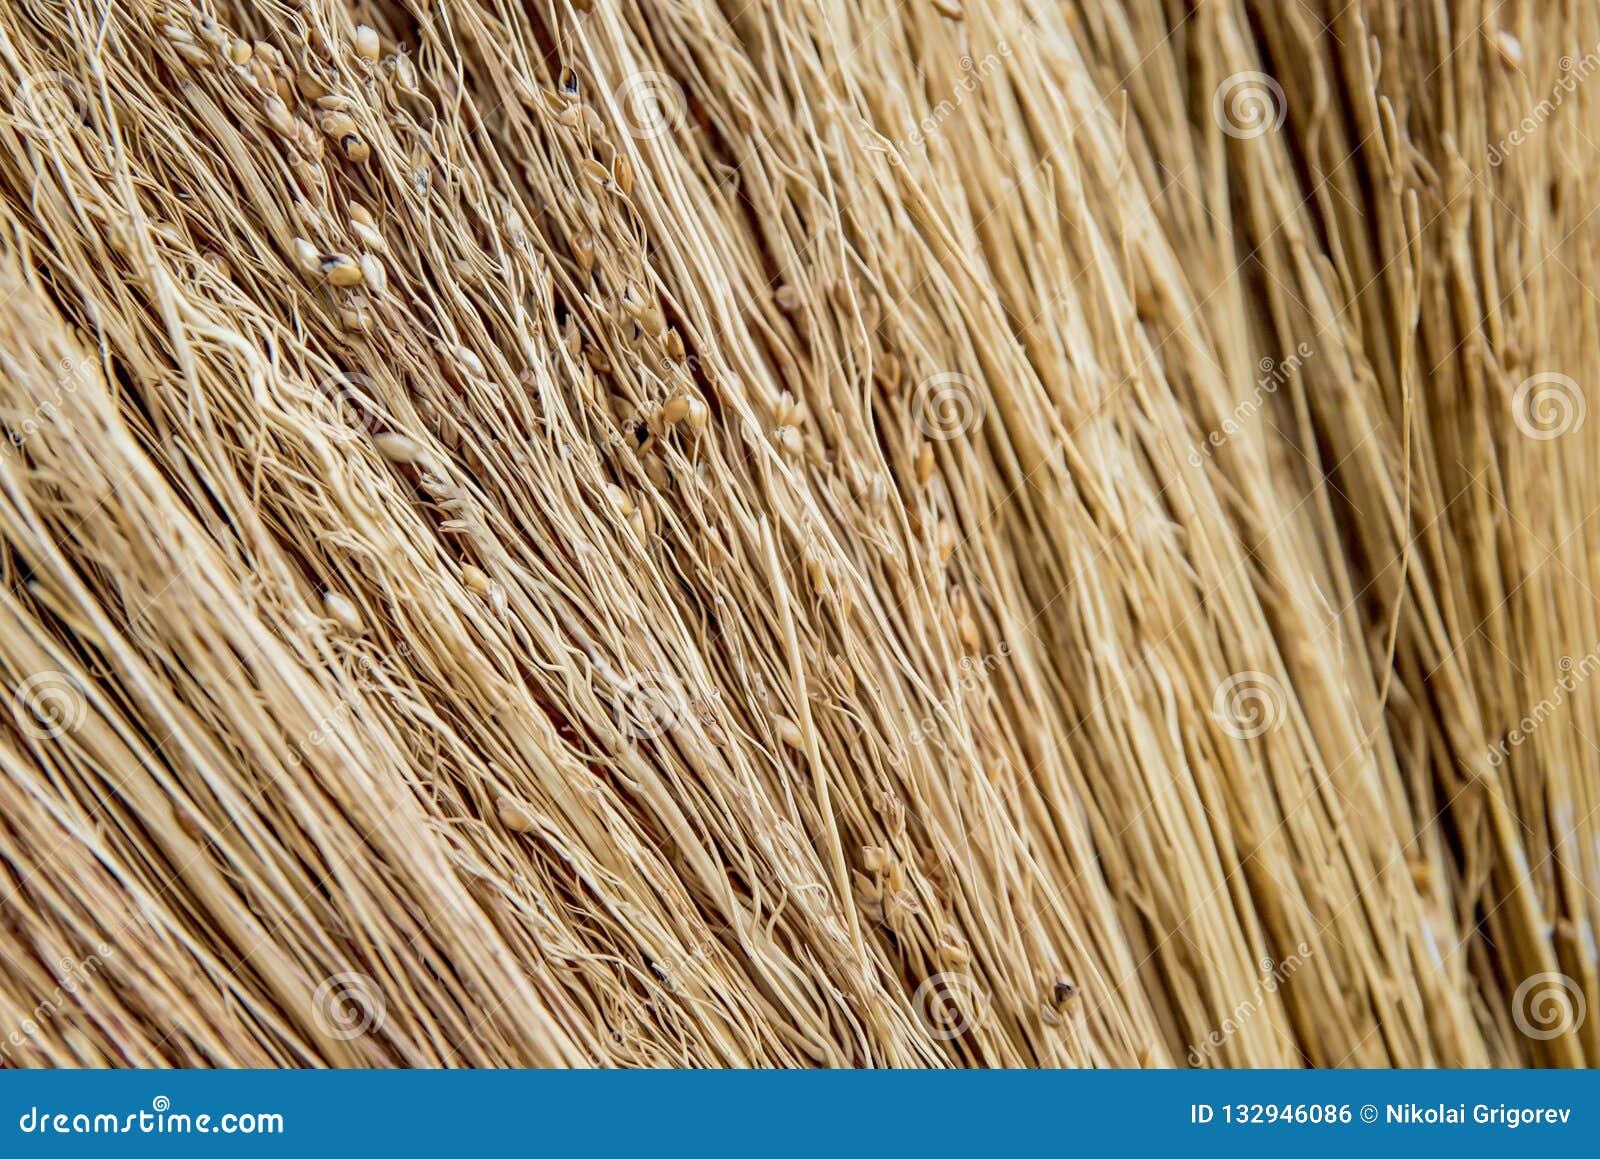 La photo de la texture de la paille sèche